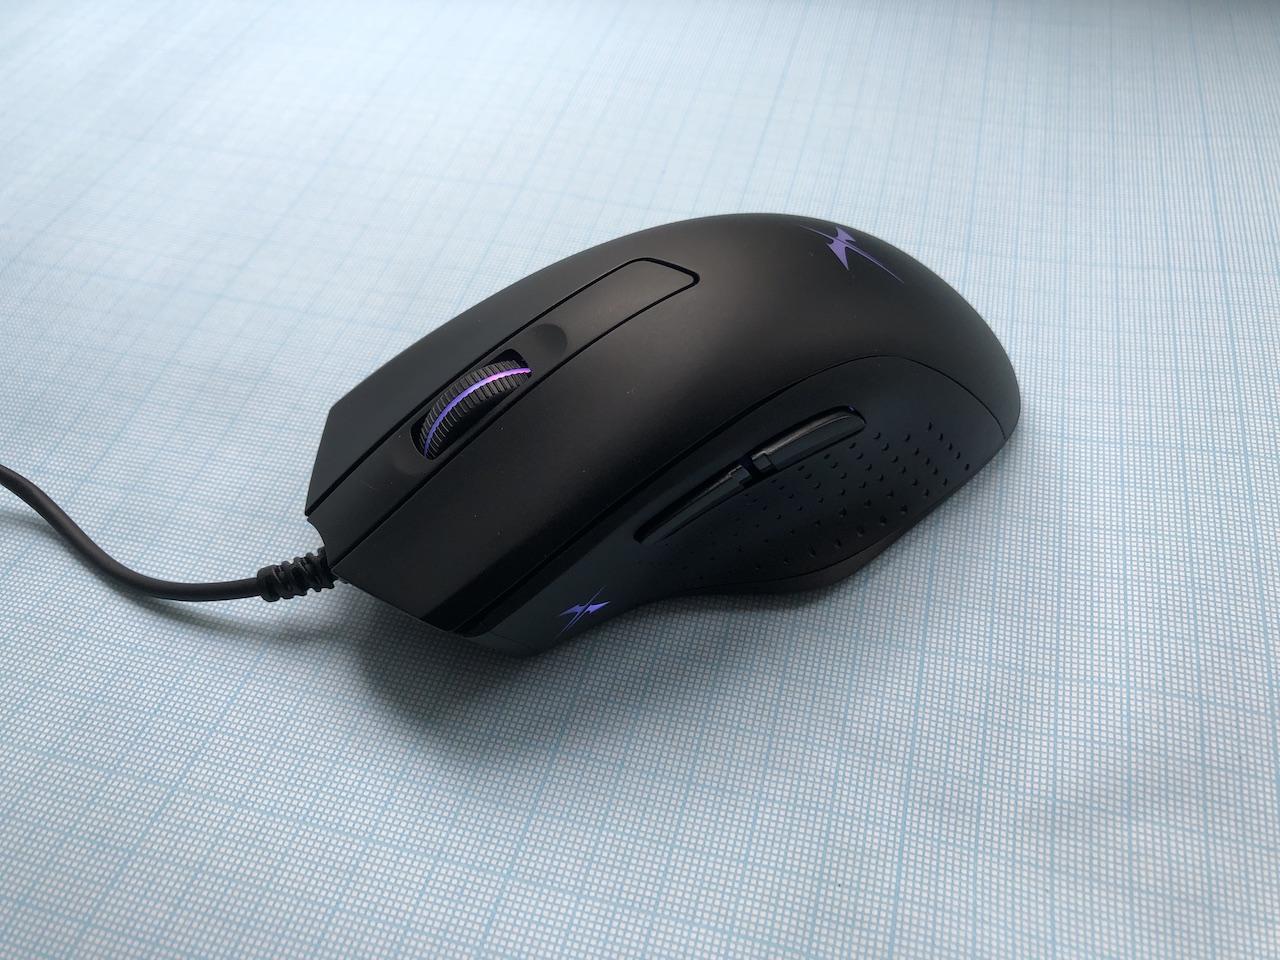 Обзор и тестирование игровой мыши Bloody X5 Pro